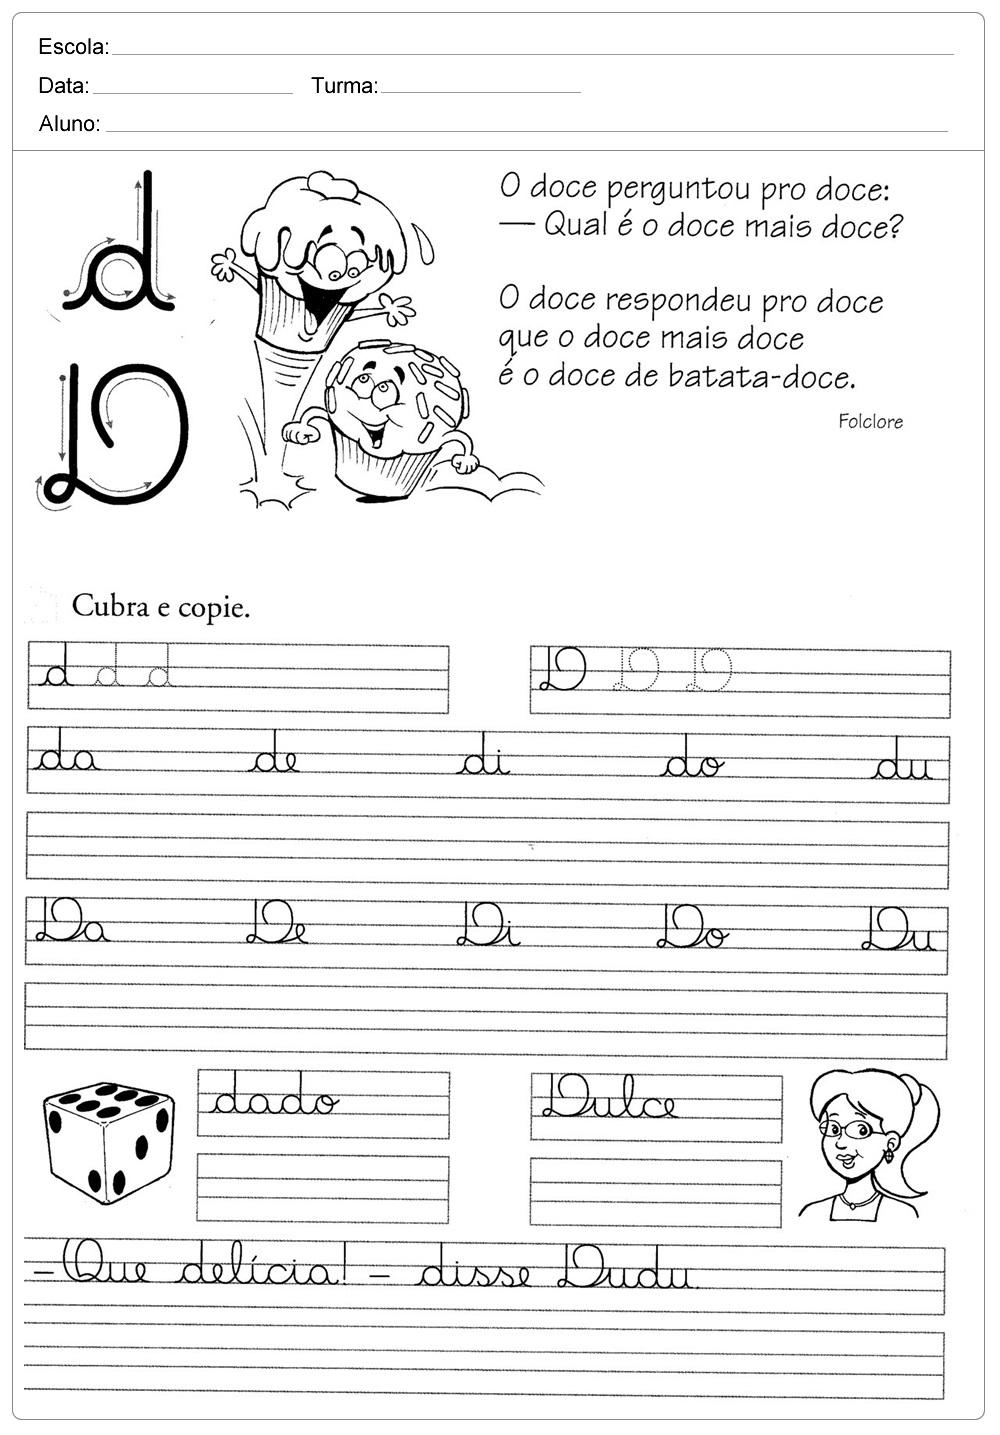 atividade-de-caligrafia-letra-D